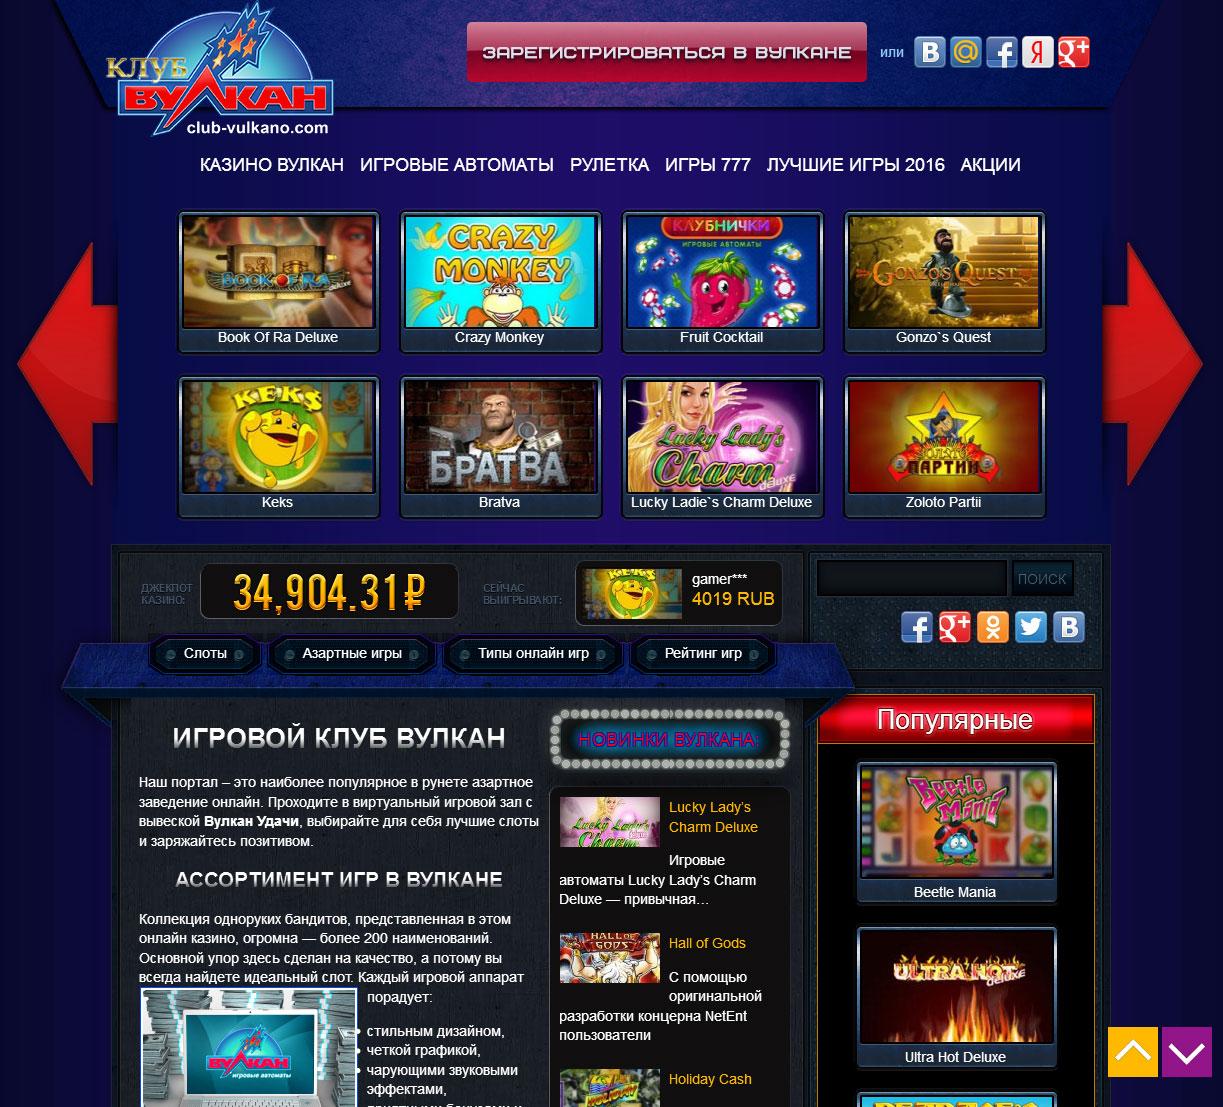 Играть в клубе Вулкан онлайн можно на деньги и бесплатно